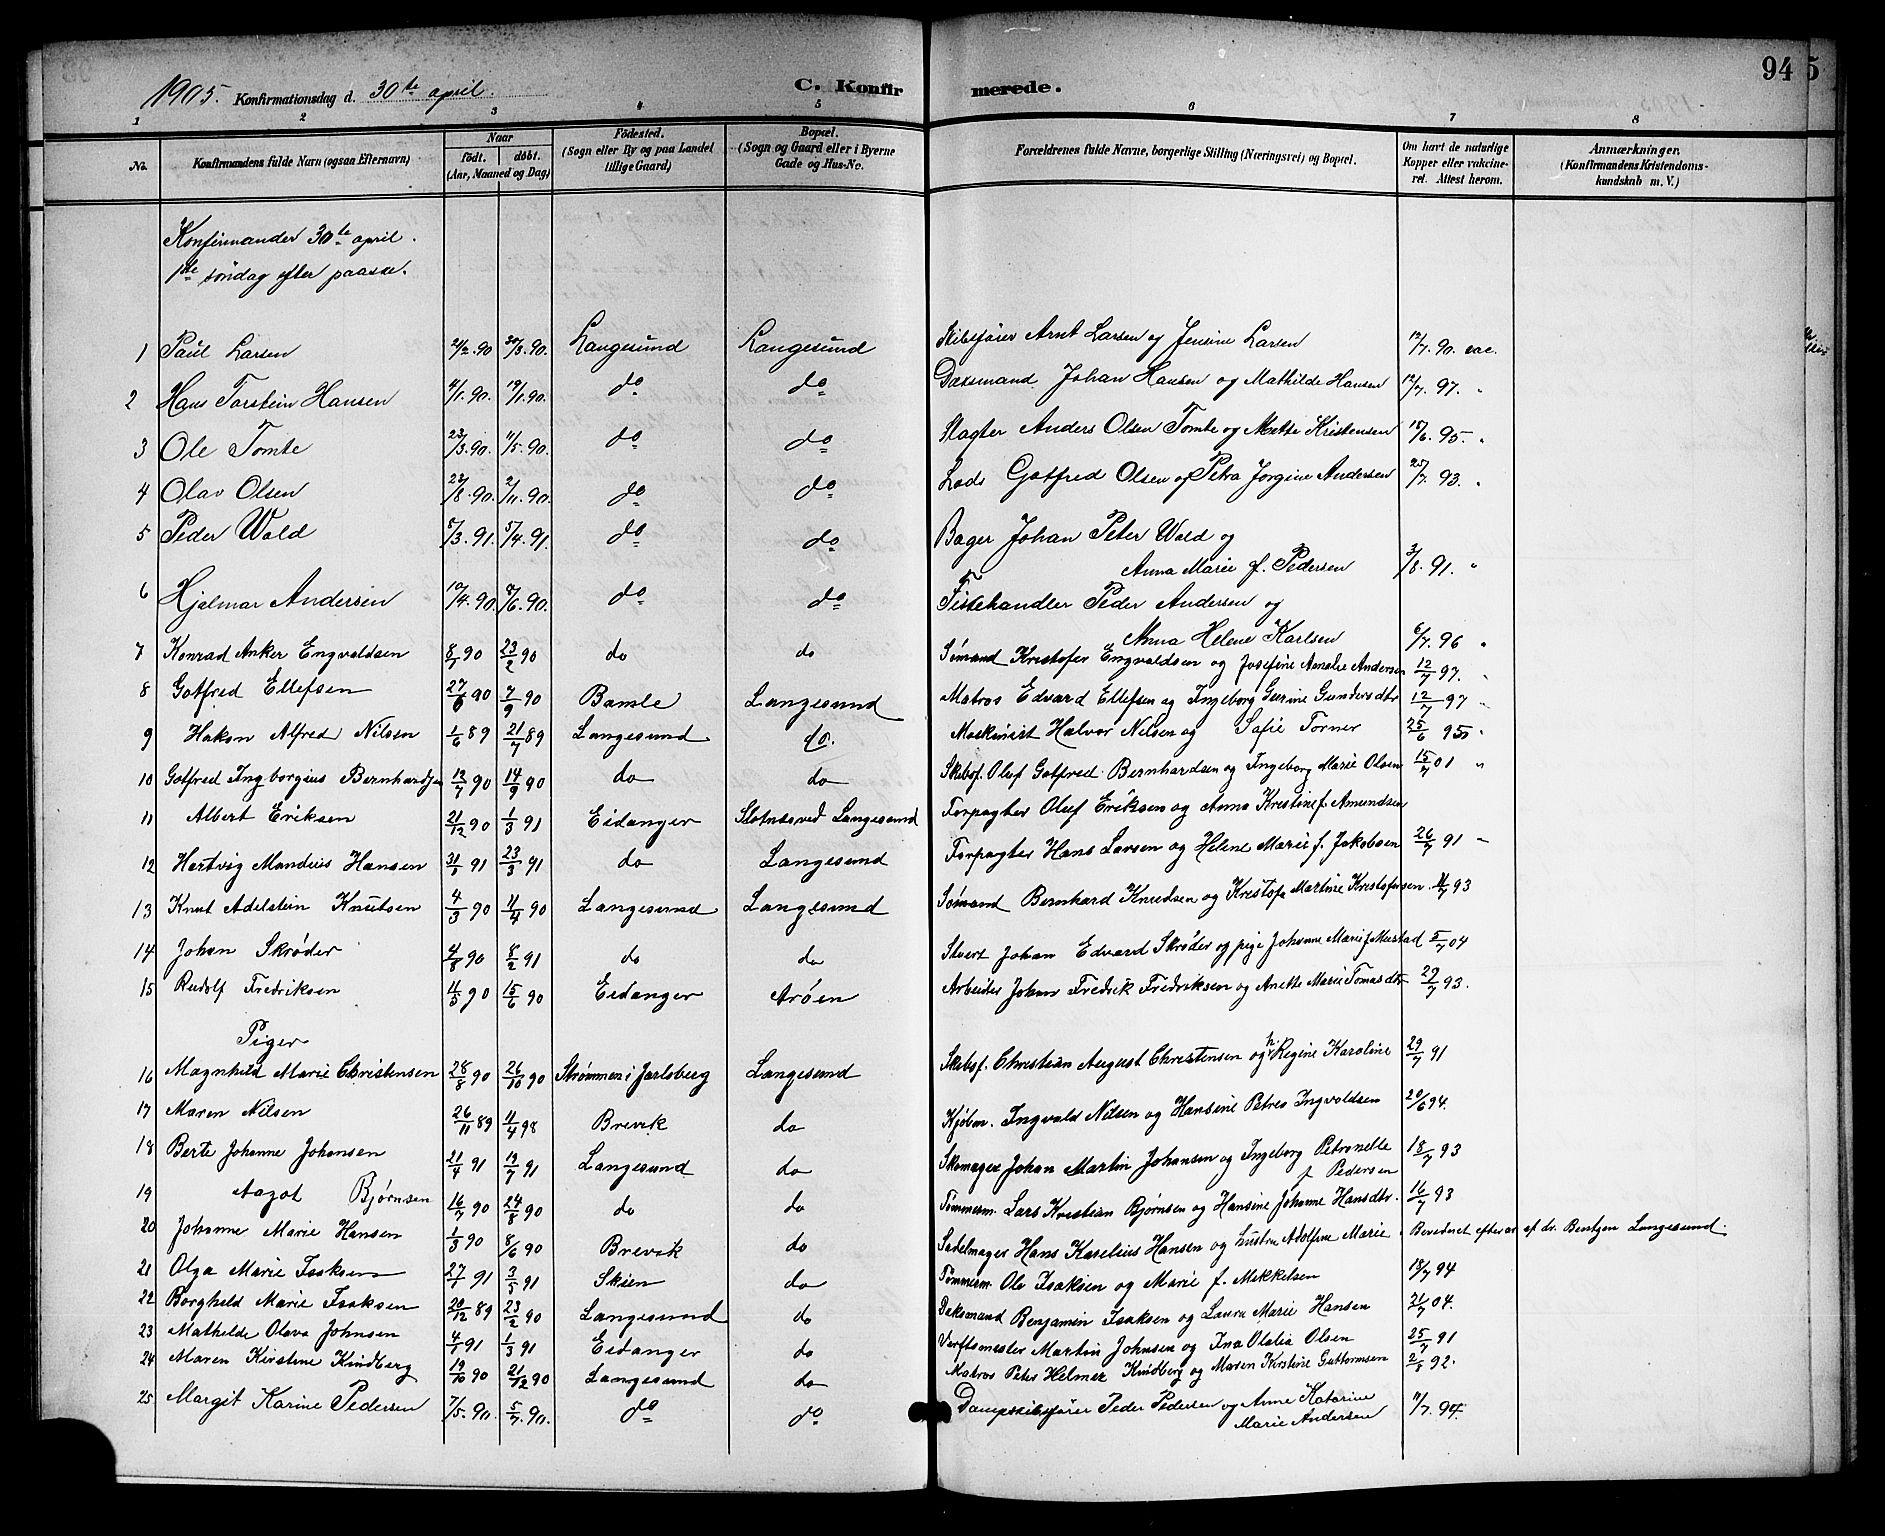 SAKO, Langesund kirkebøker, G/Ga/L0006: Klokkerbok nr. 6, 1899-1918, s. 94